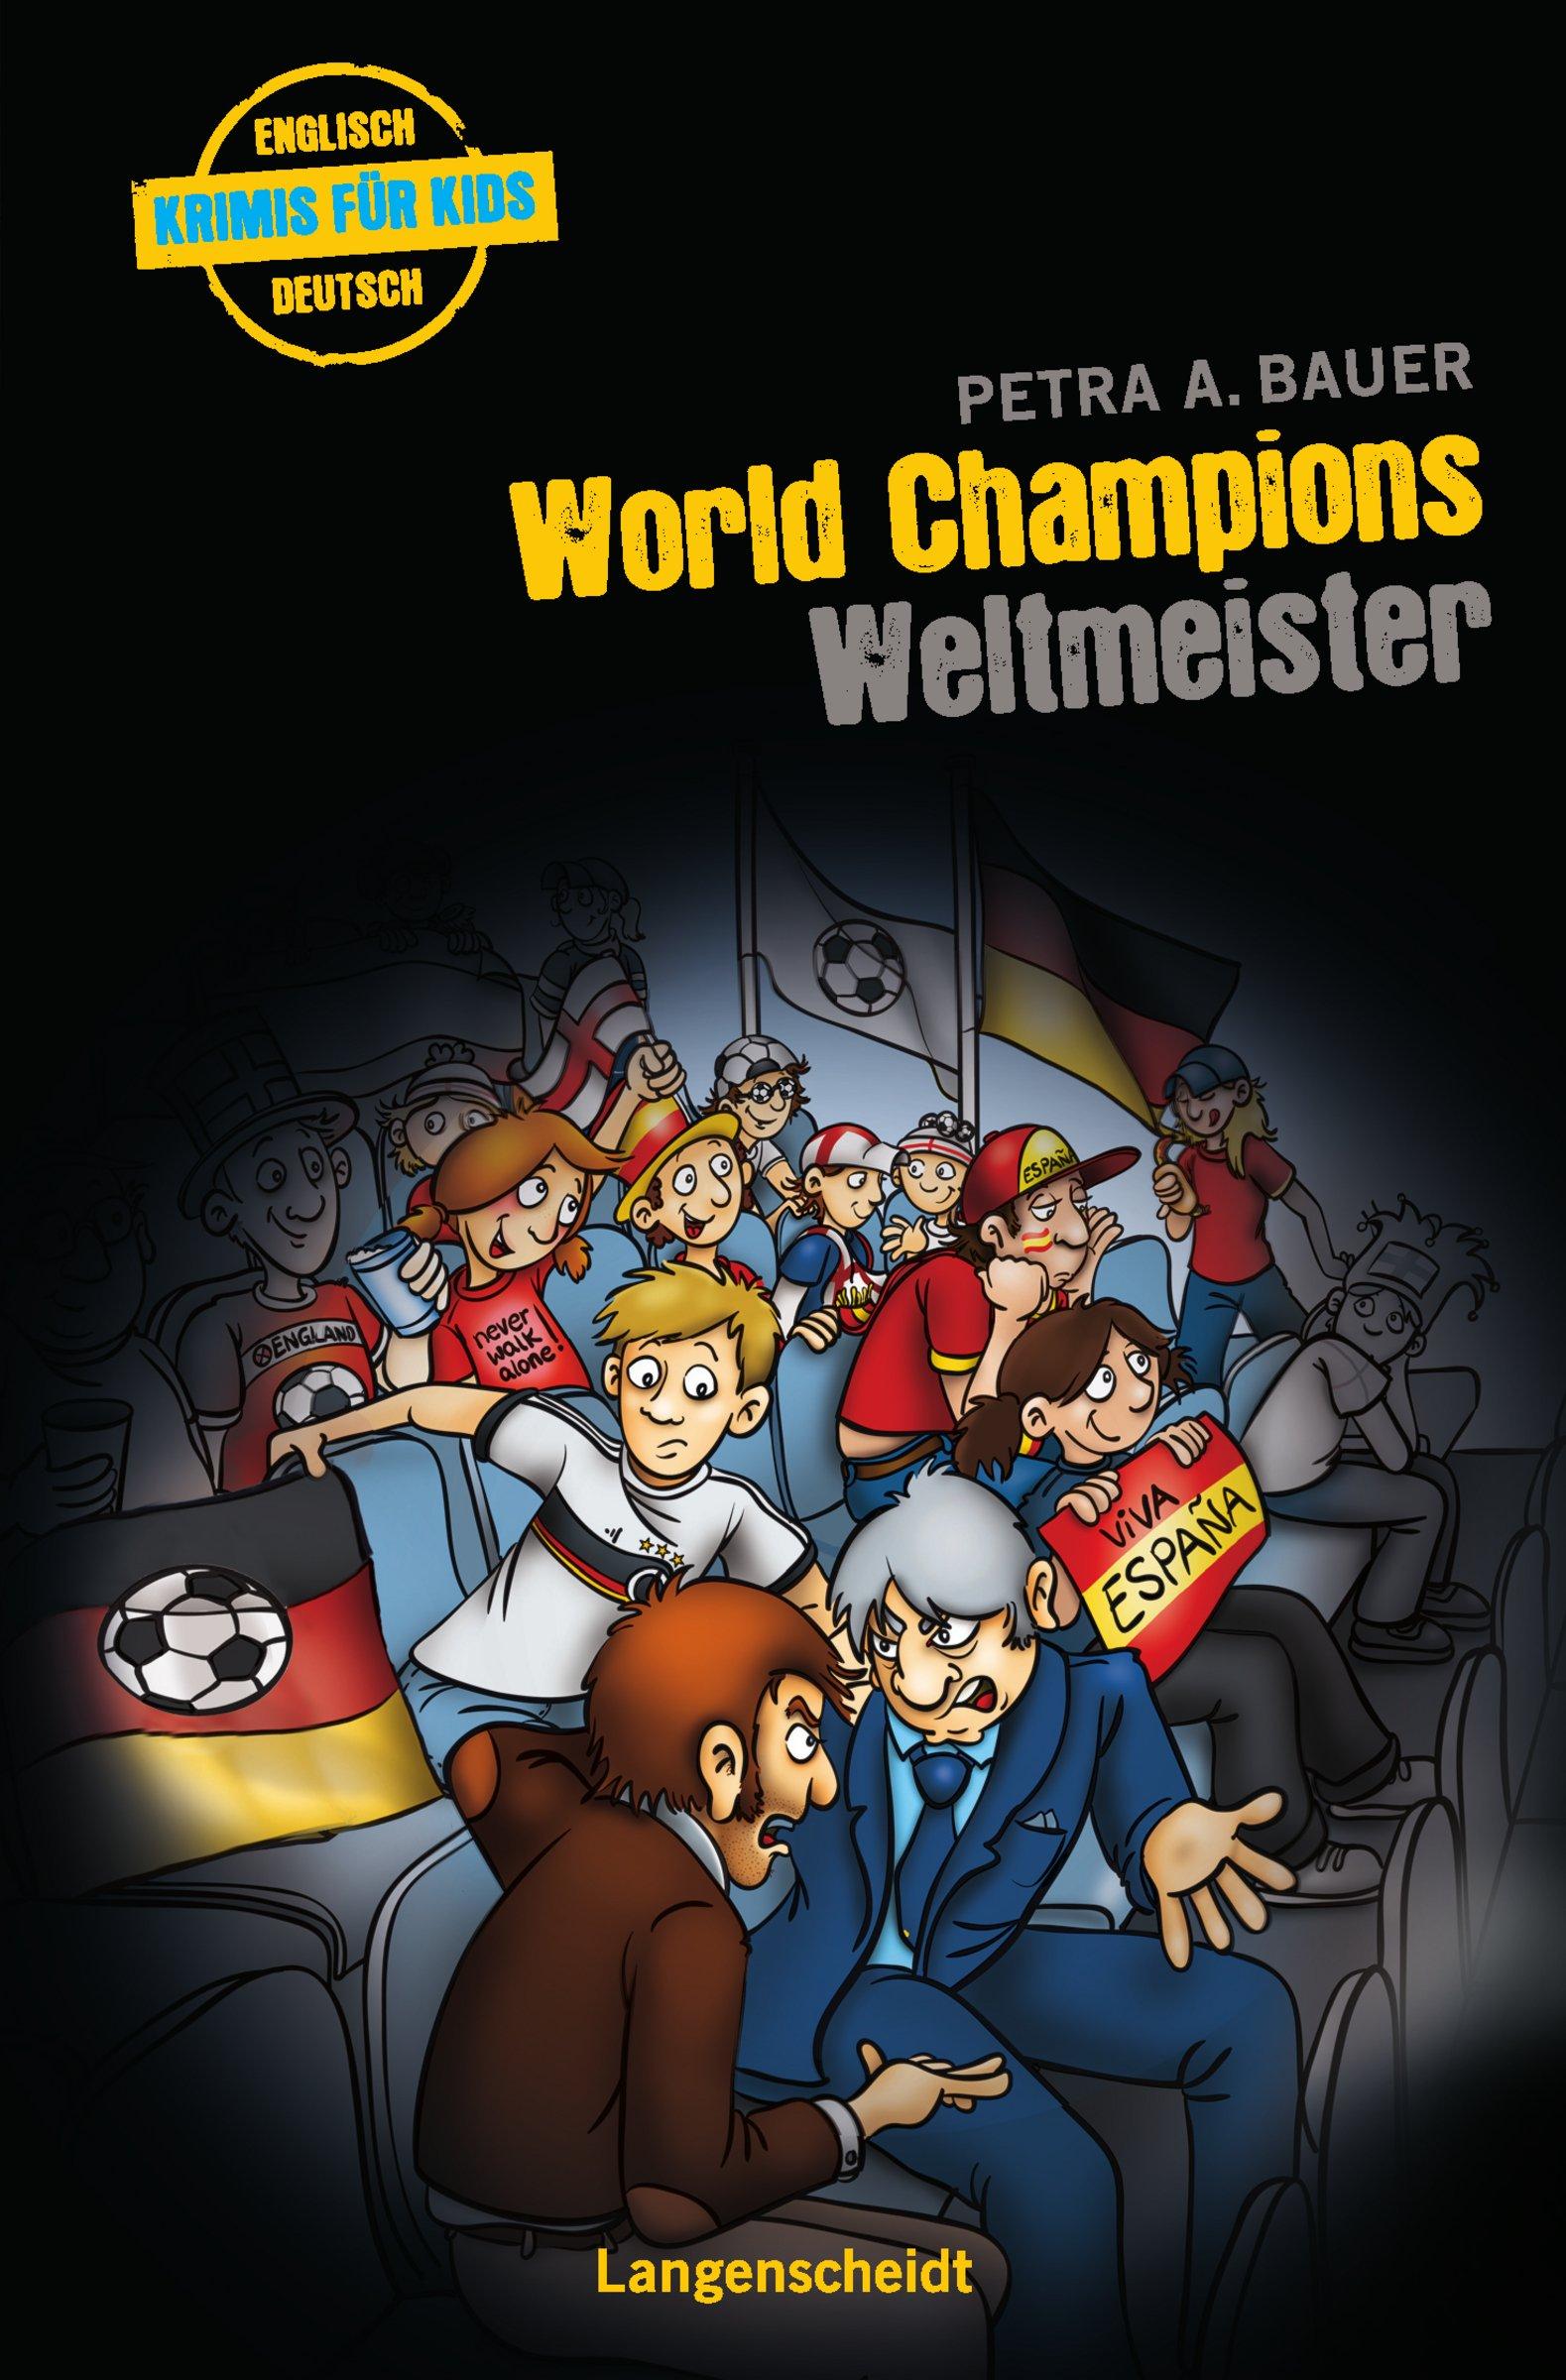 World Champions - Weltmeister (Englische Krimis für Kids)